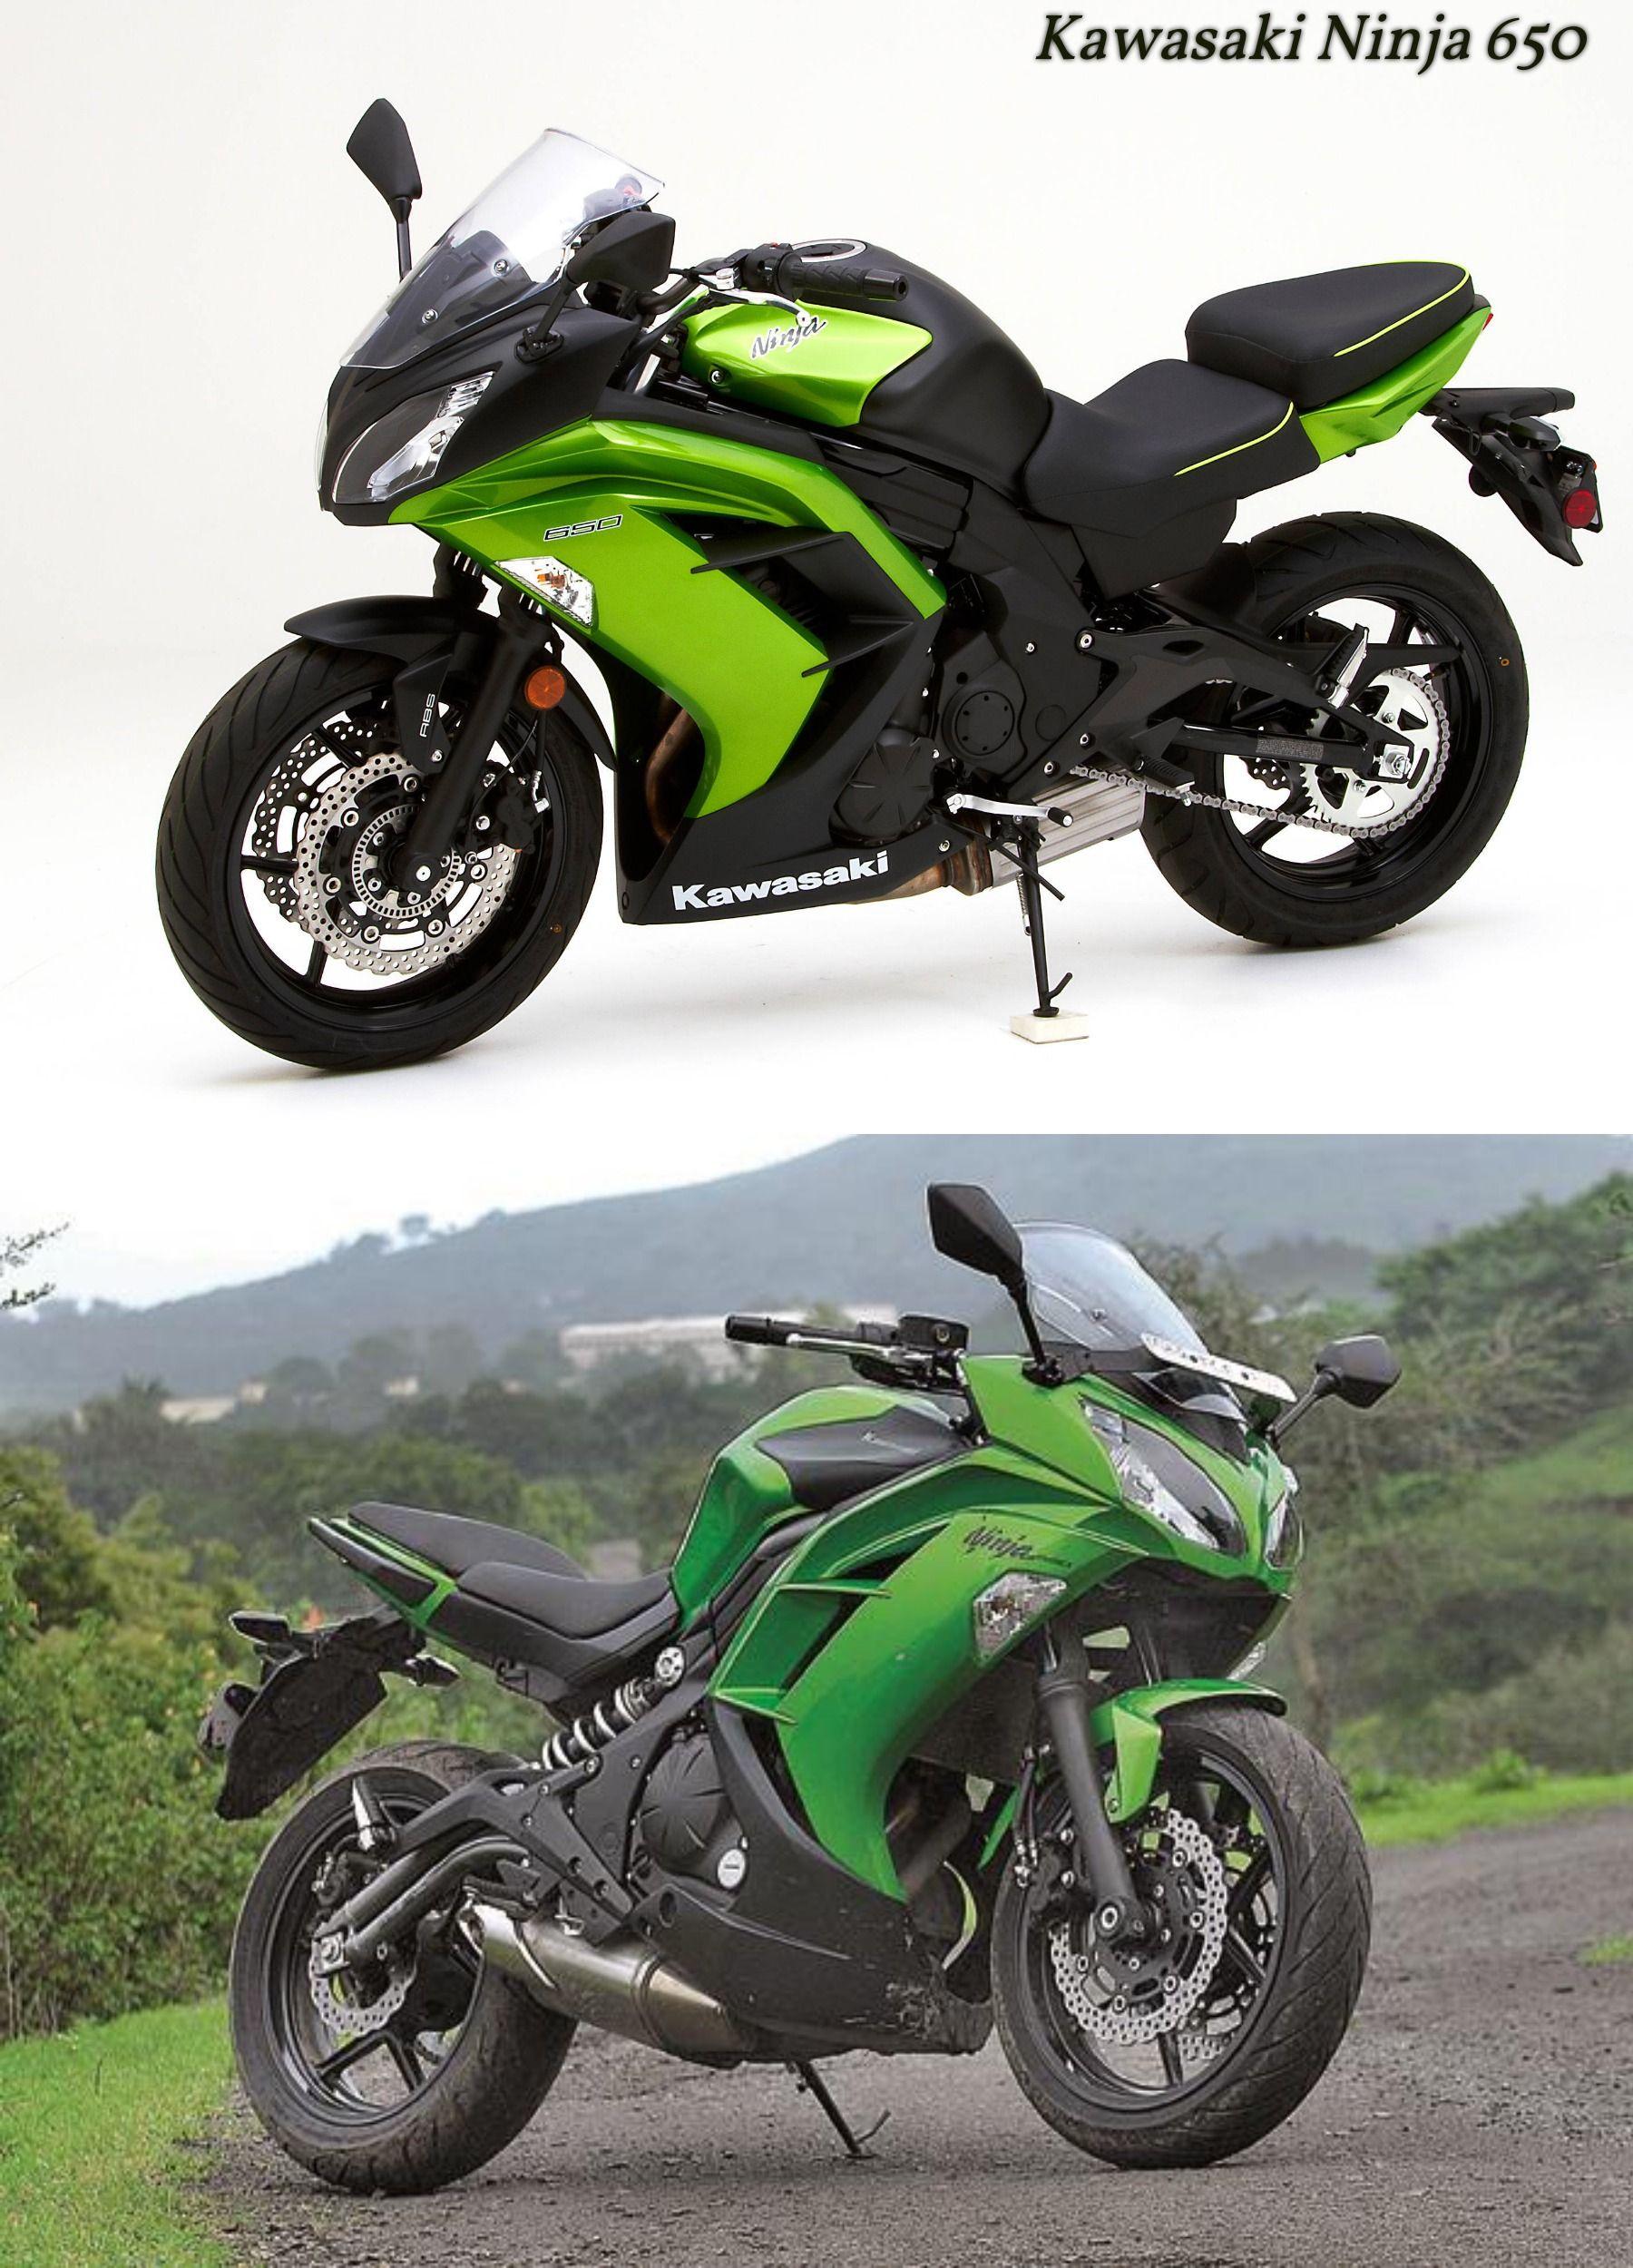 Kawasaki Ninja 650 Sales Upsurge Due To Price Slash Kawasaki